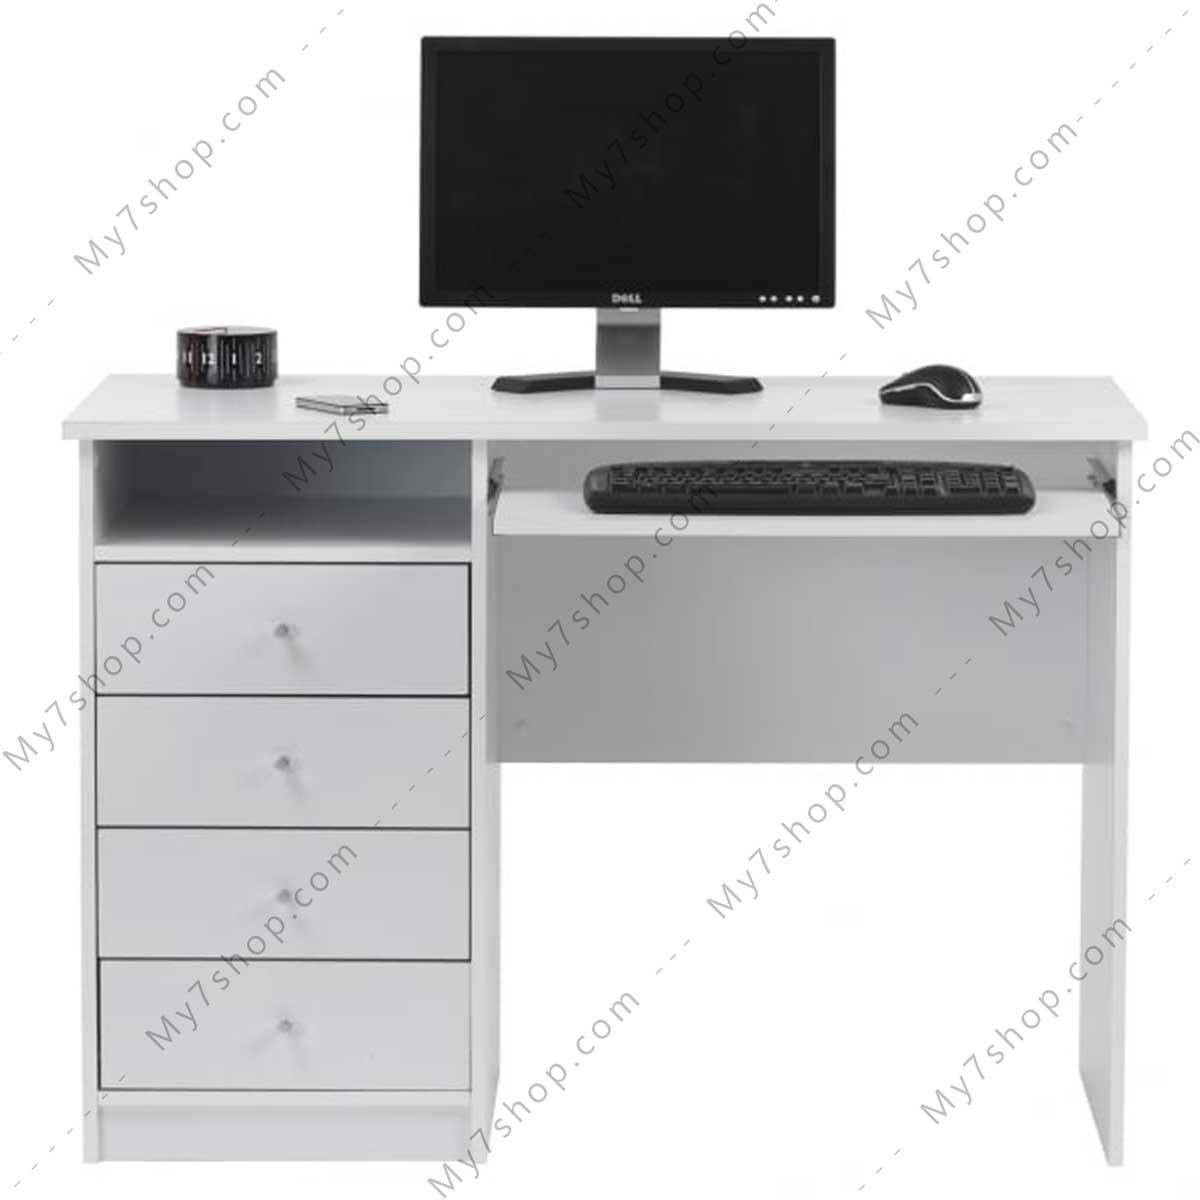 میز کامپیوتر 7556-2